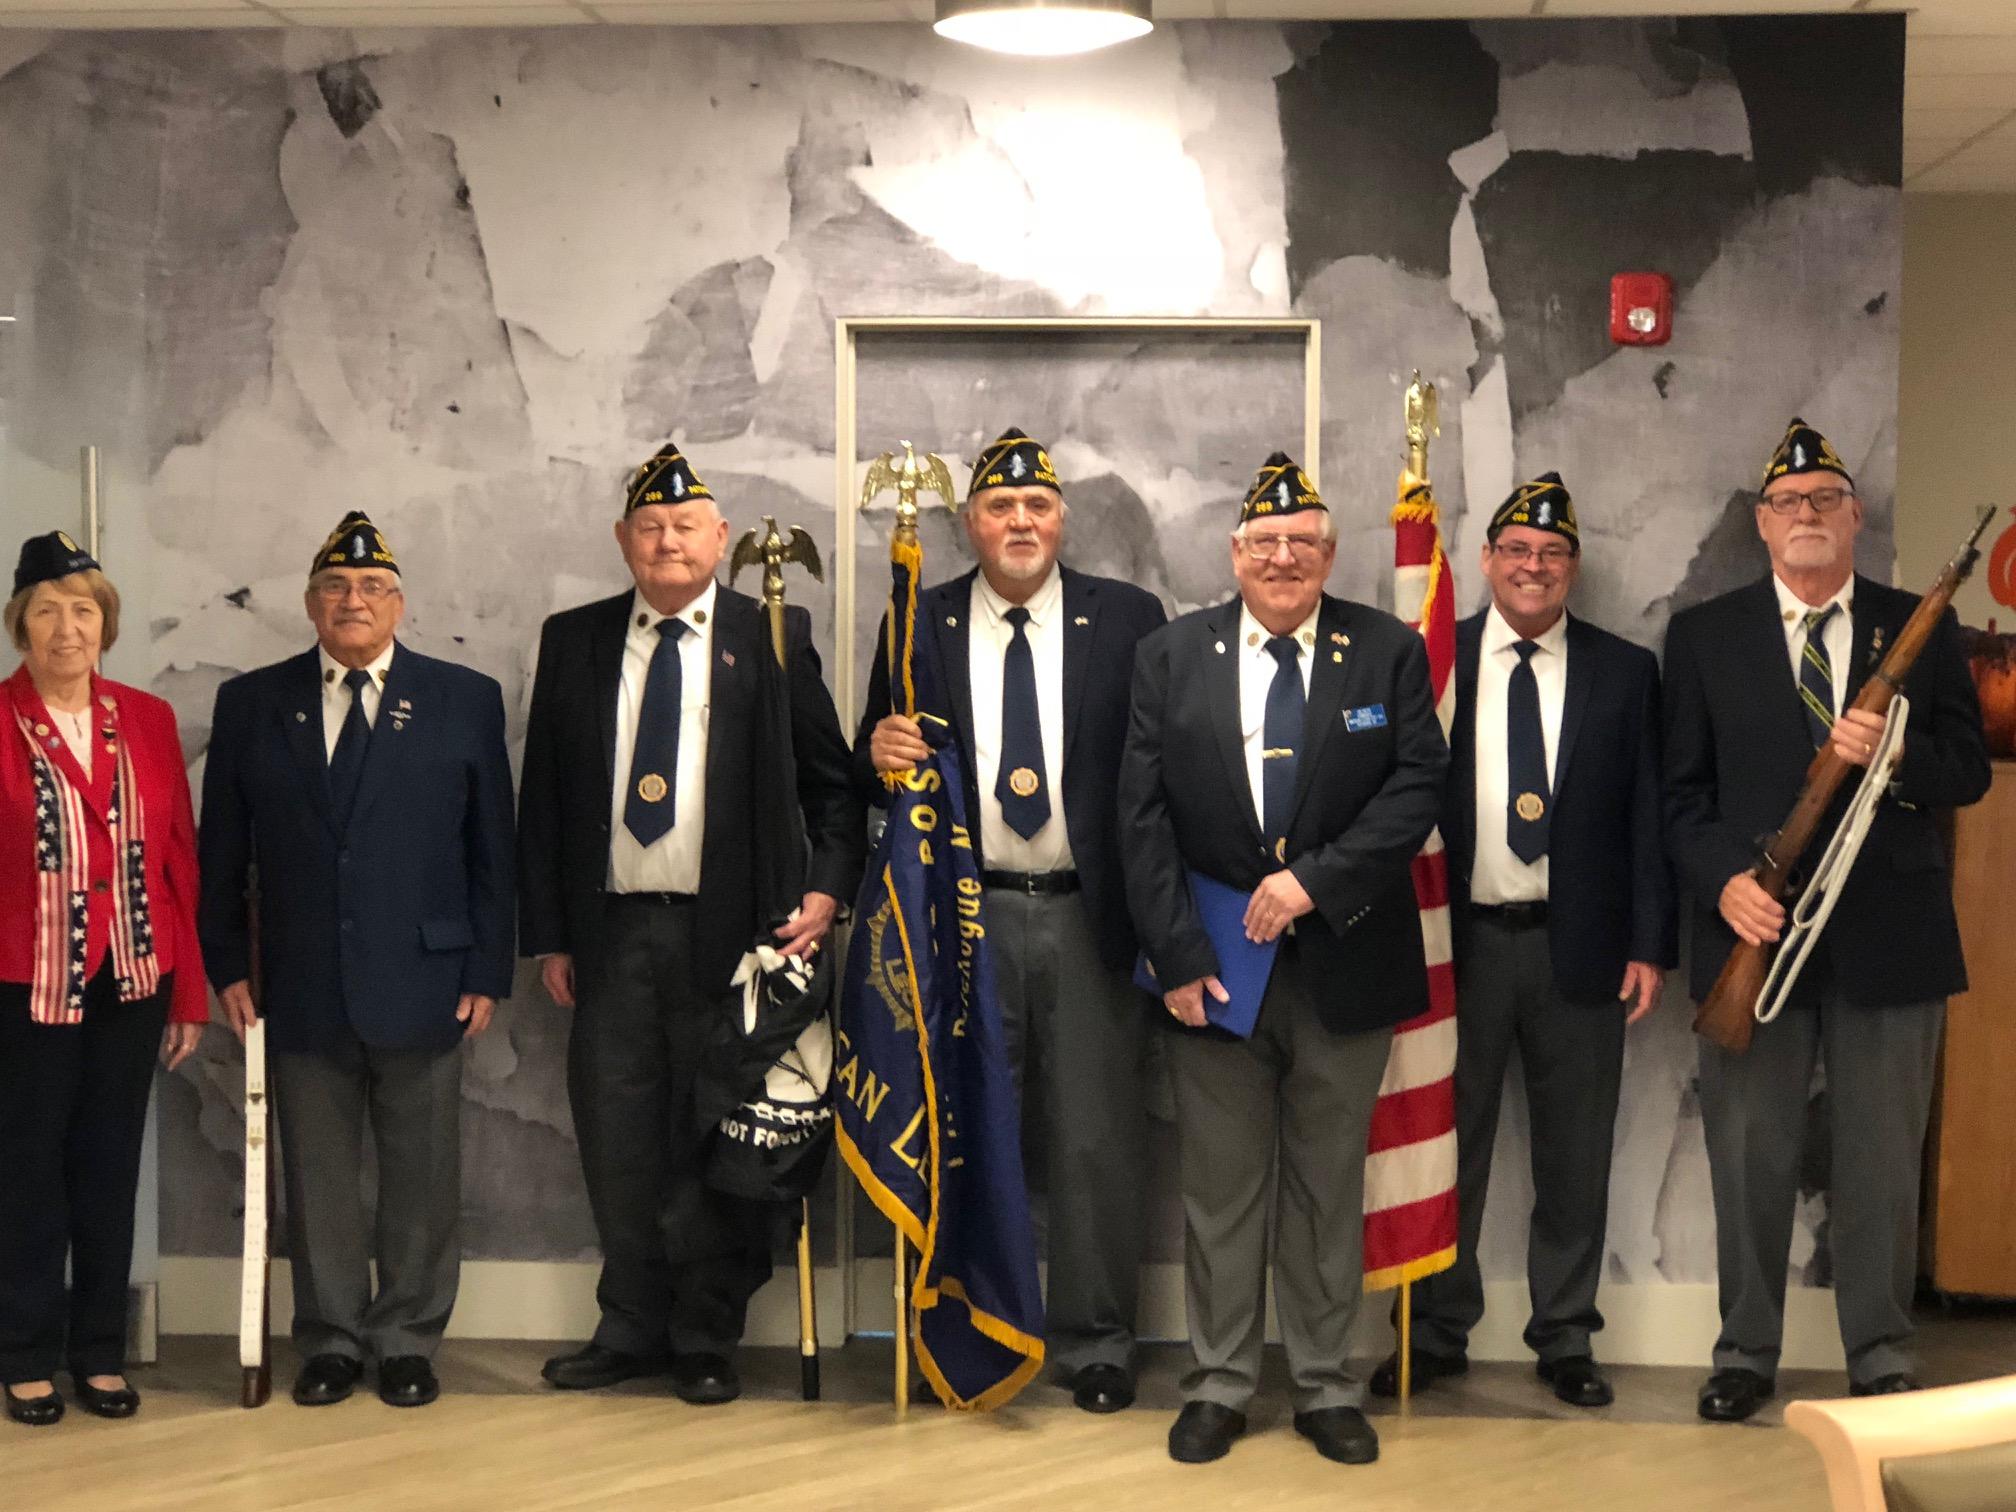 2018 - Veterans Day Ceremony